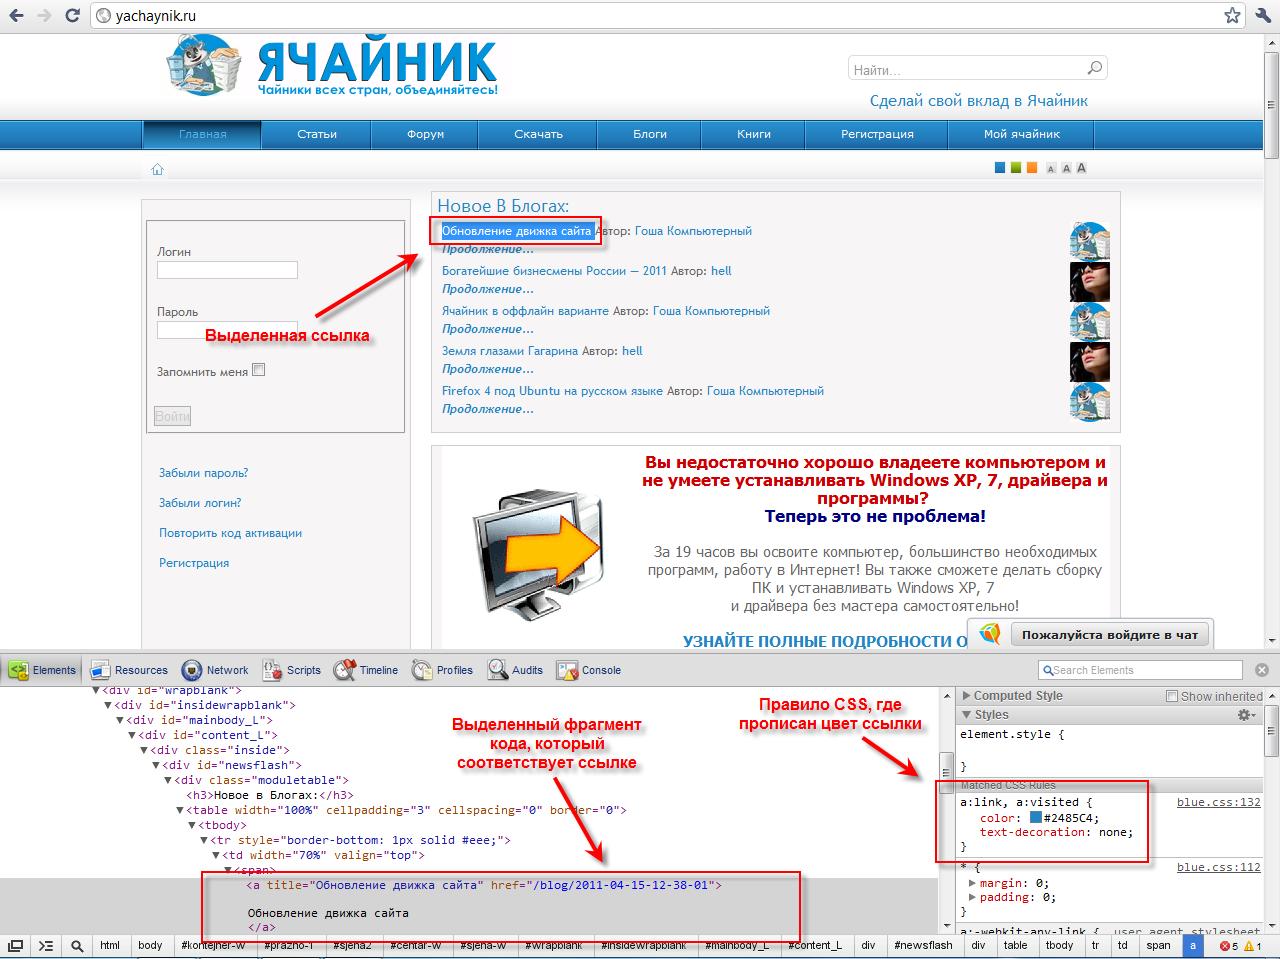 Файл html как сделать ссылки